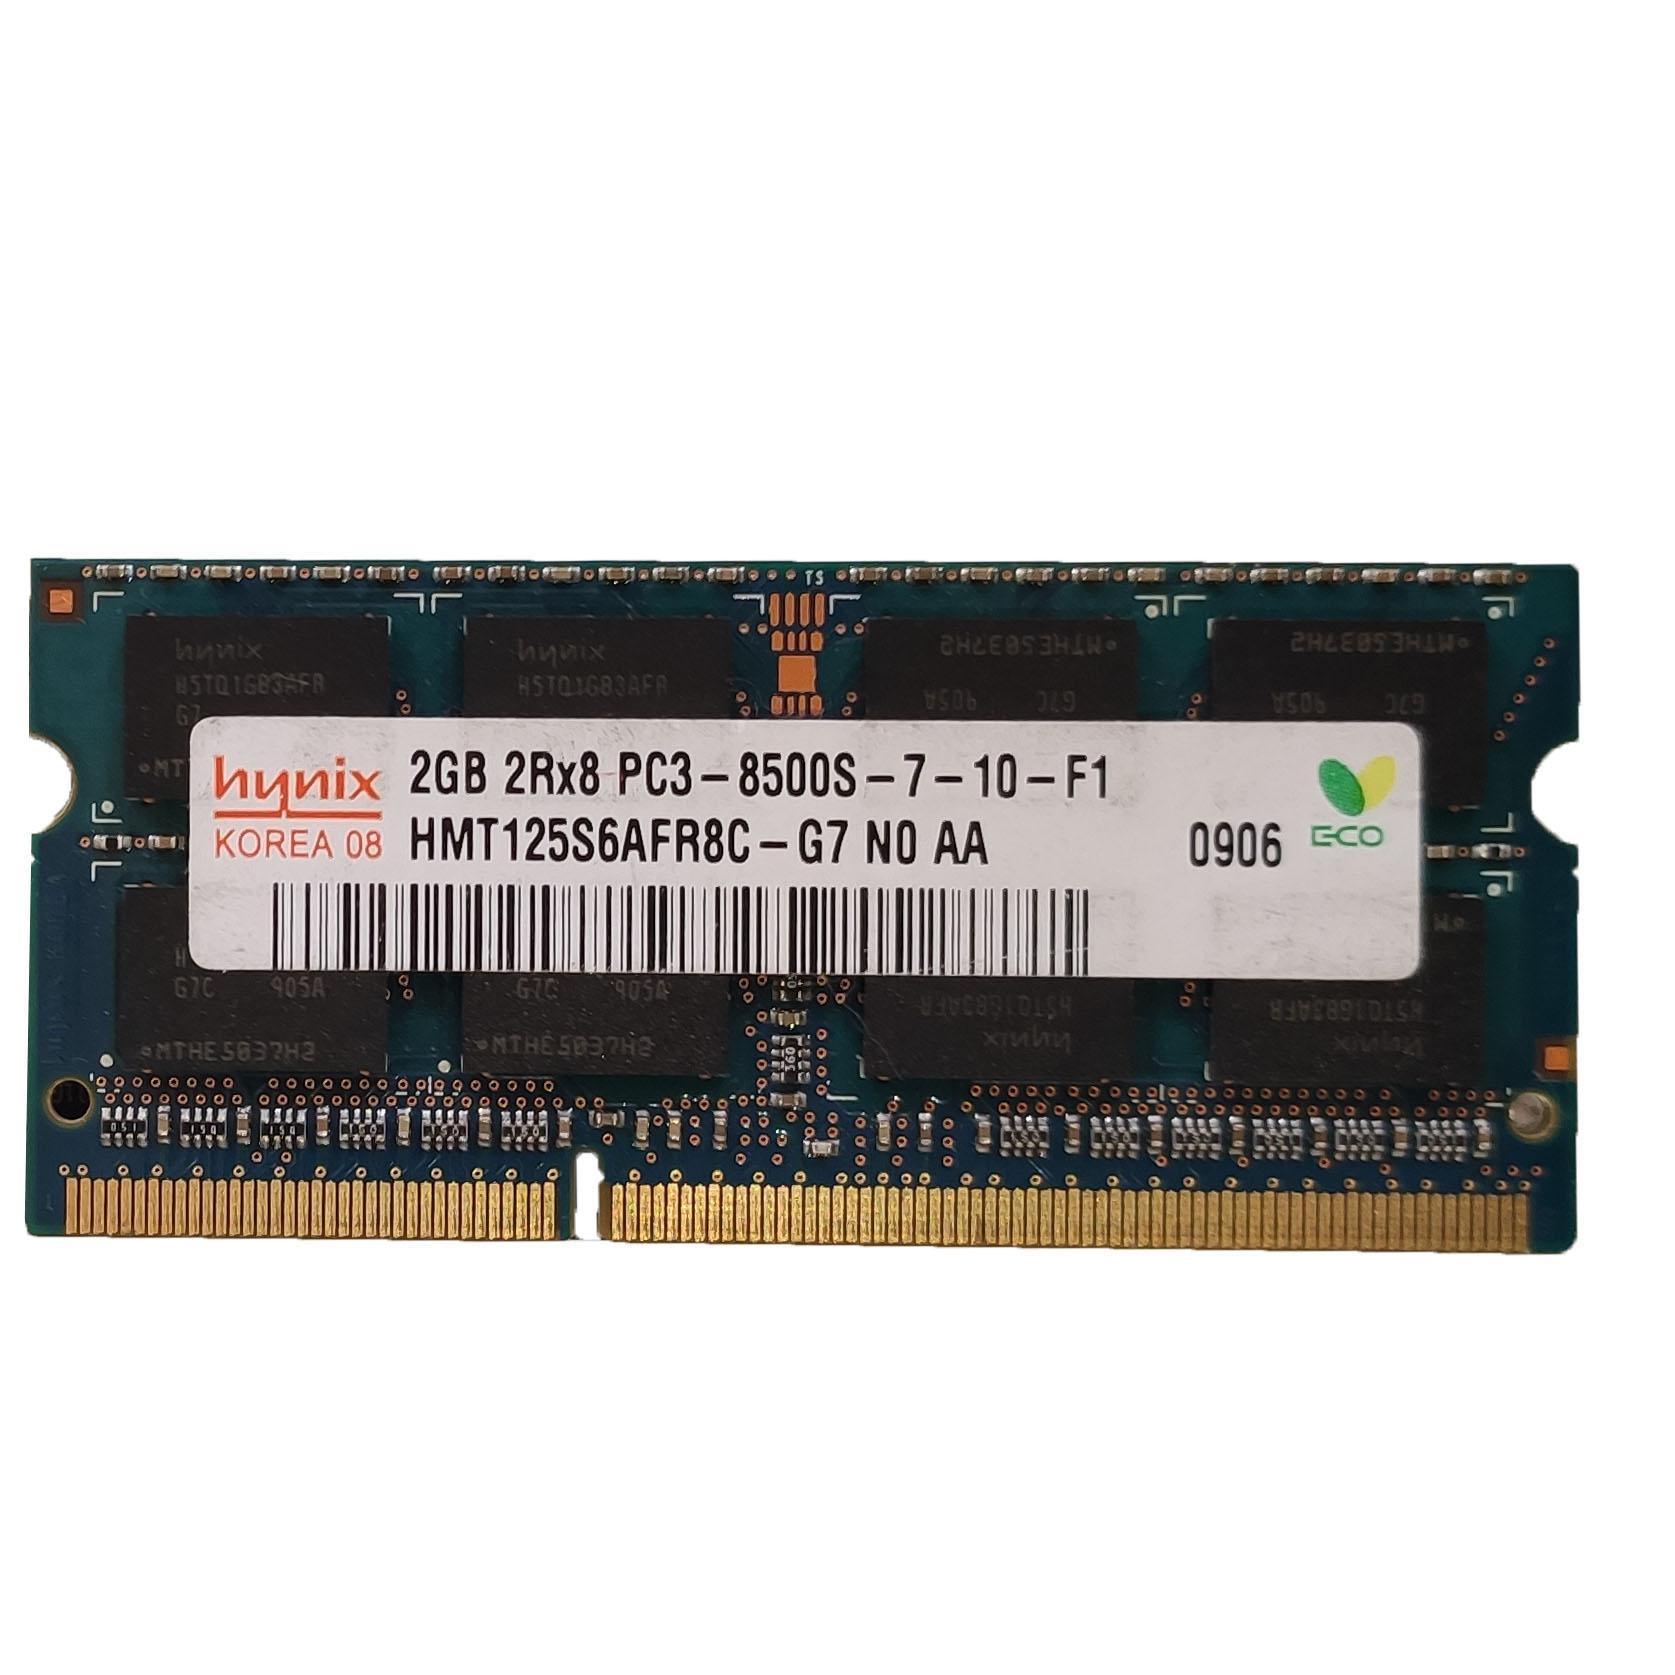 رم لپتاپ DDR3 تک کاناله 1066 مگاهرتز CL8 هاینیکس مدل 8500s ظرفیت 2 گیگابایت